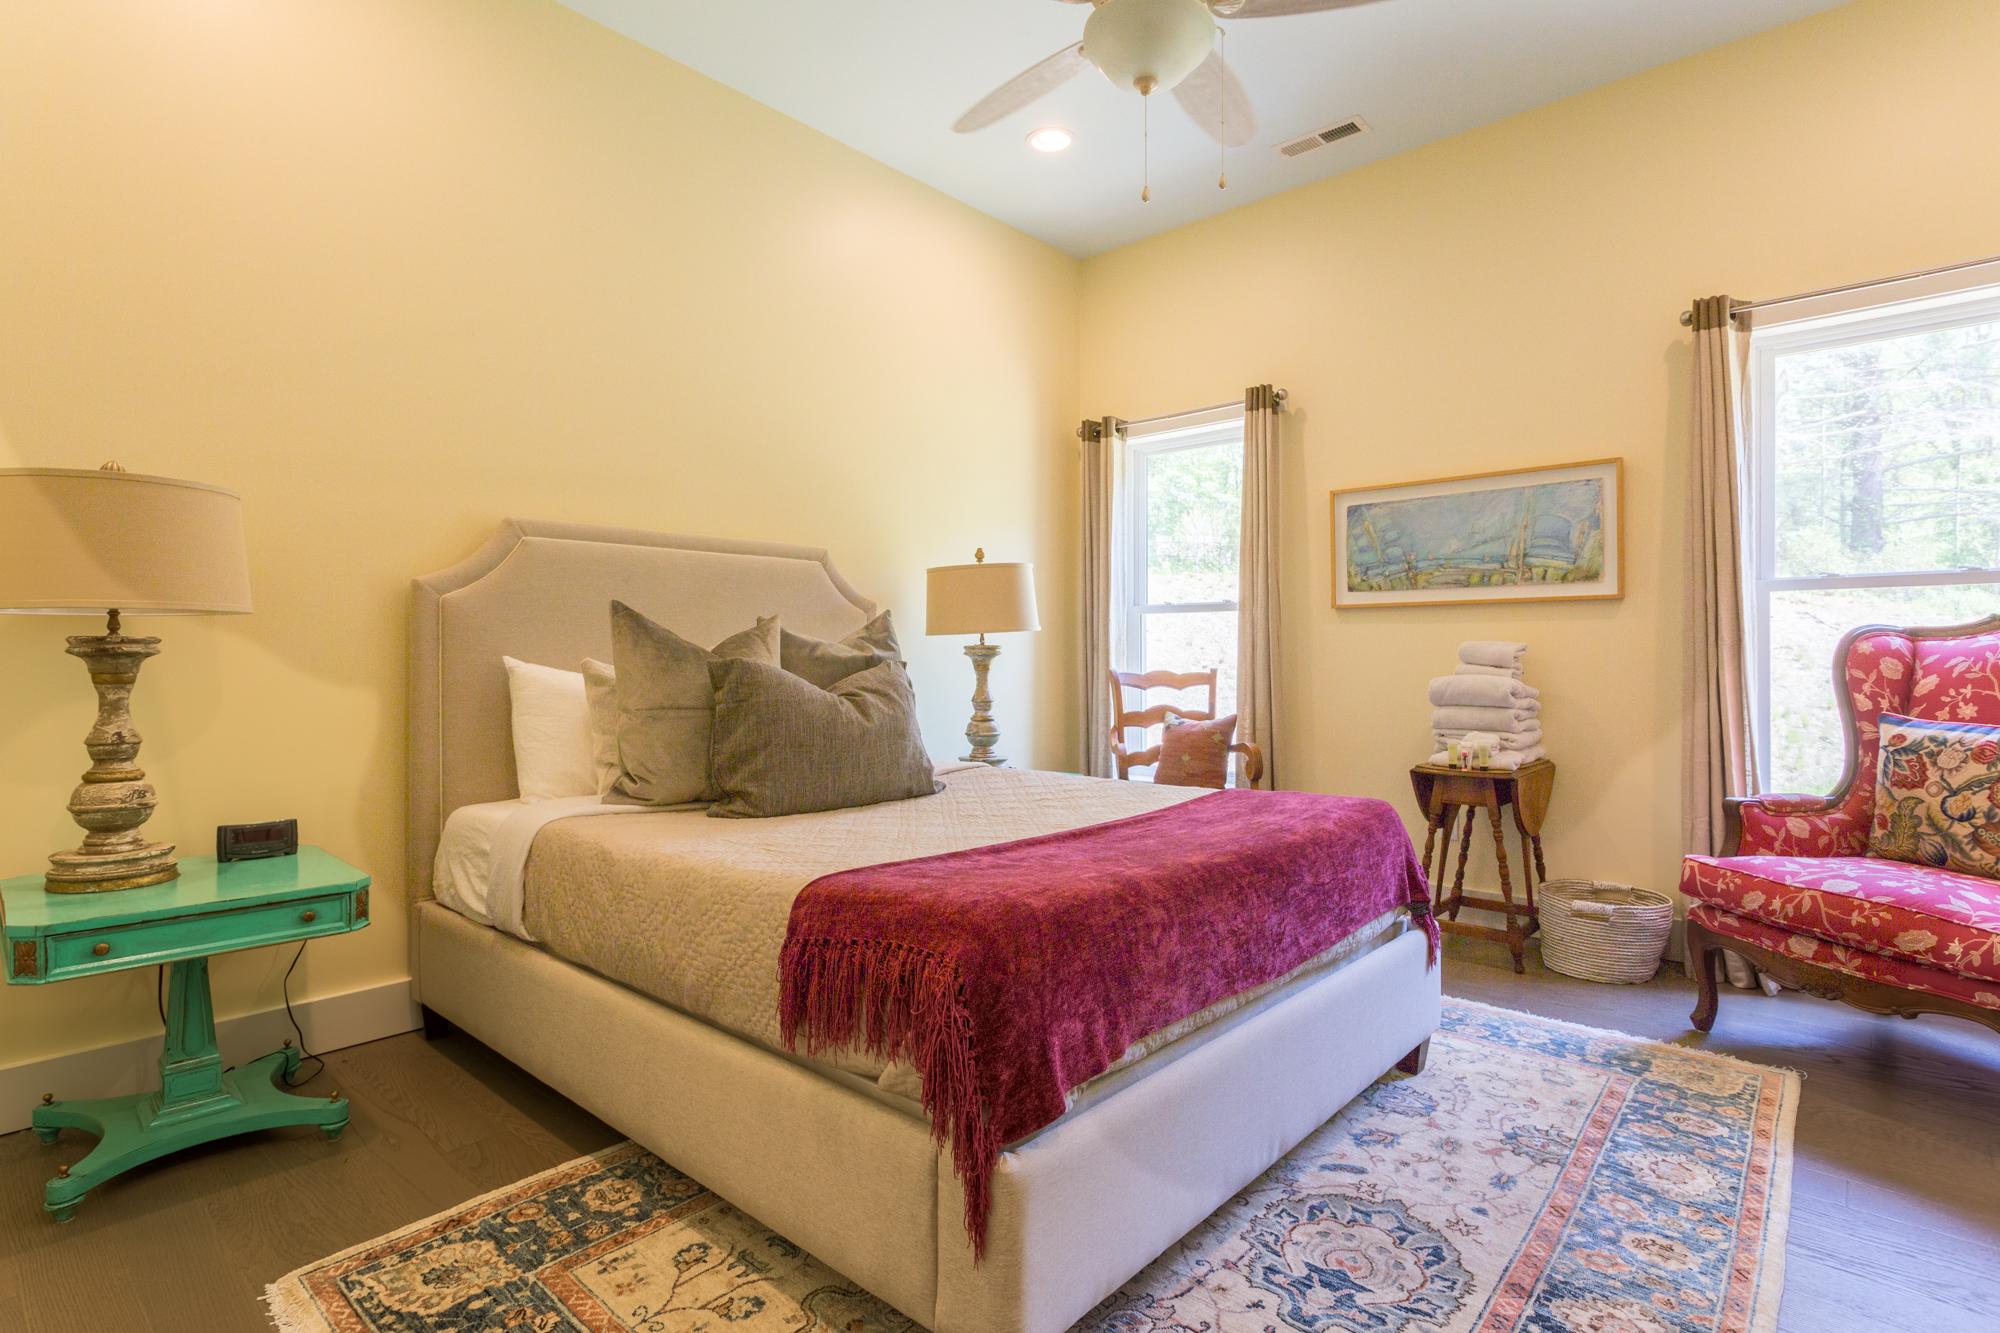 wide view of bedroom